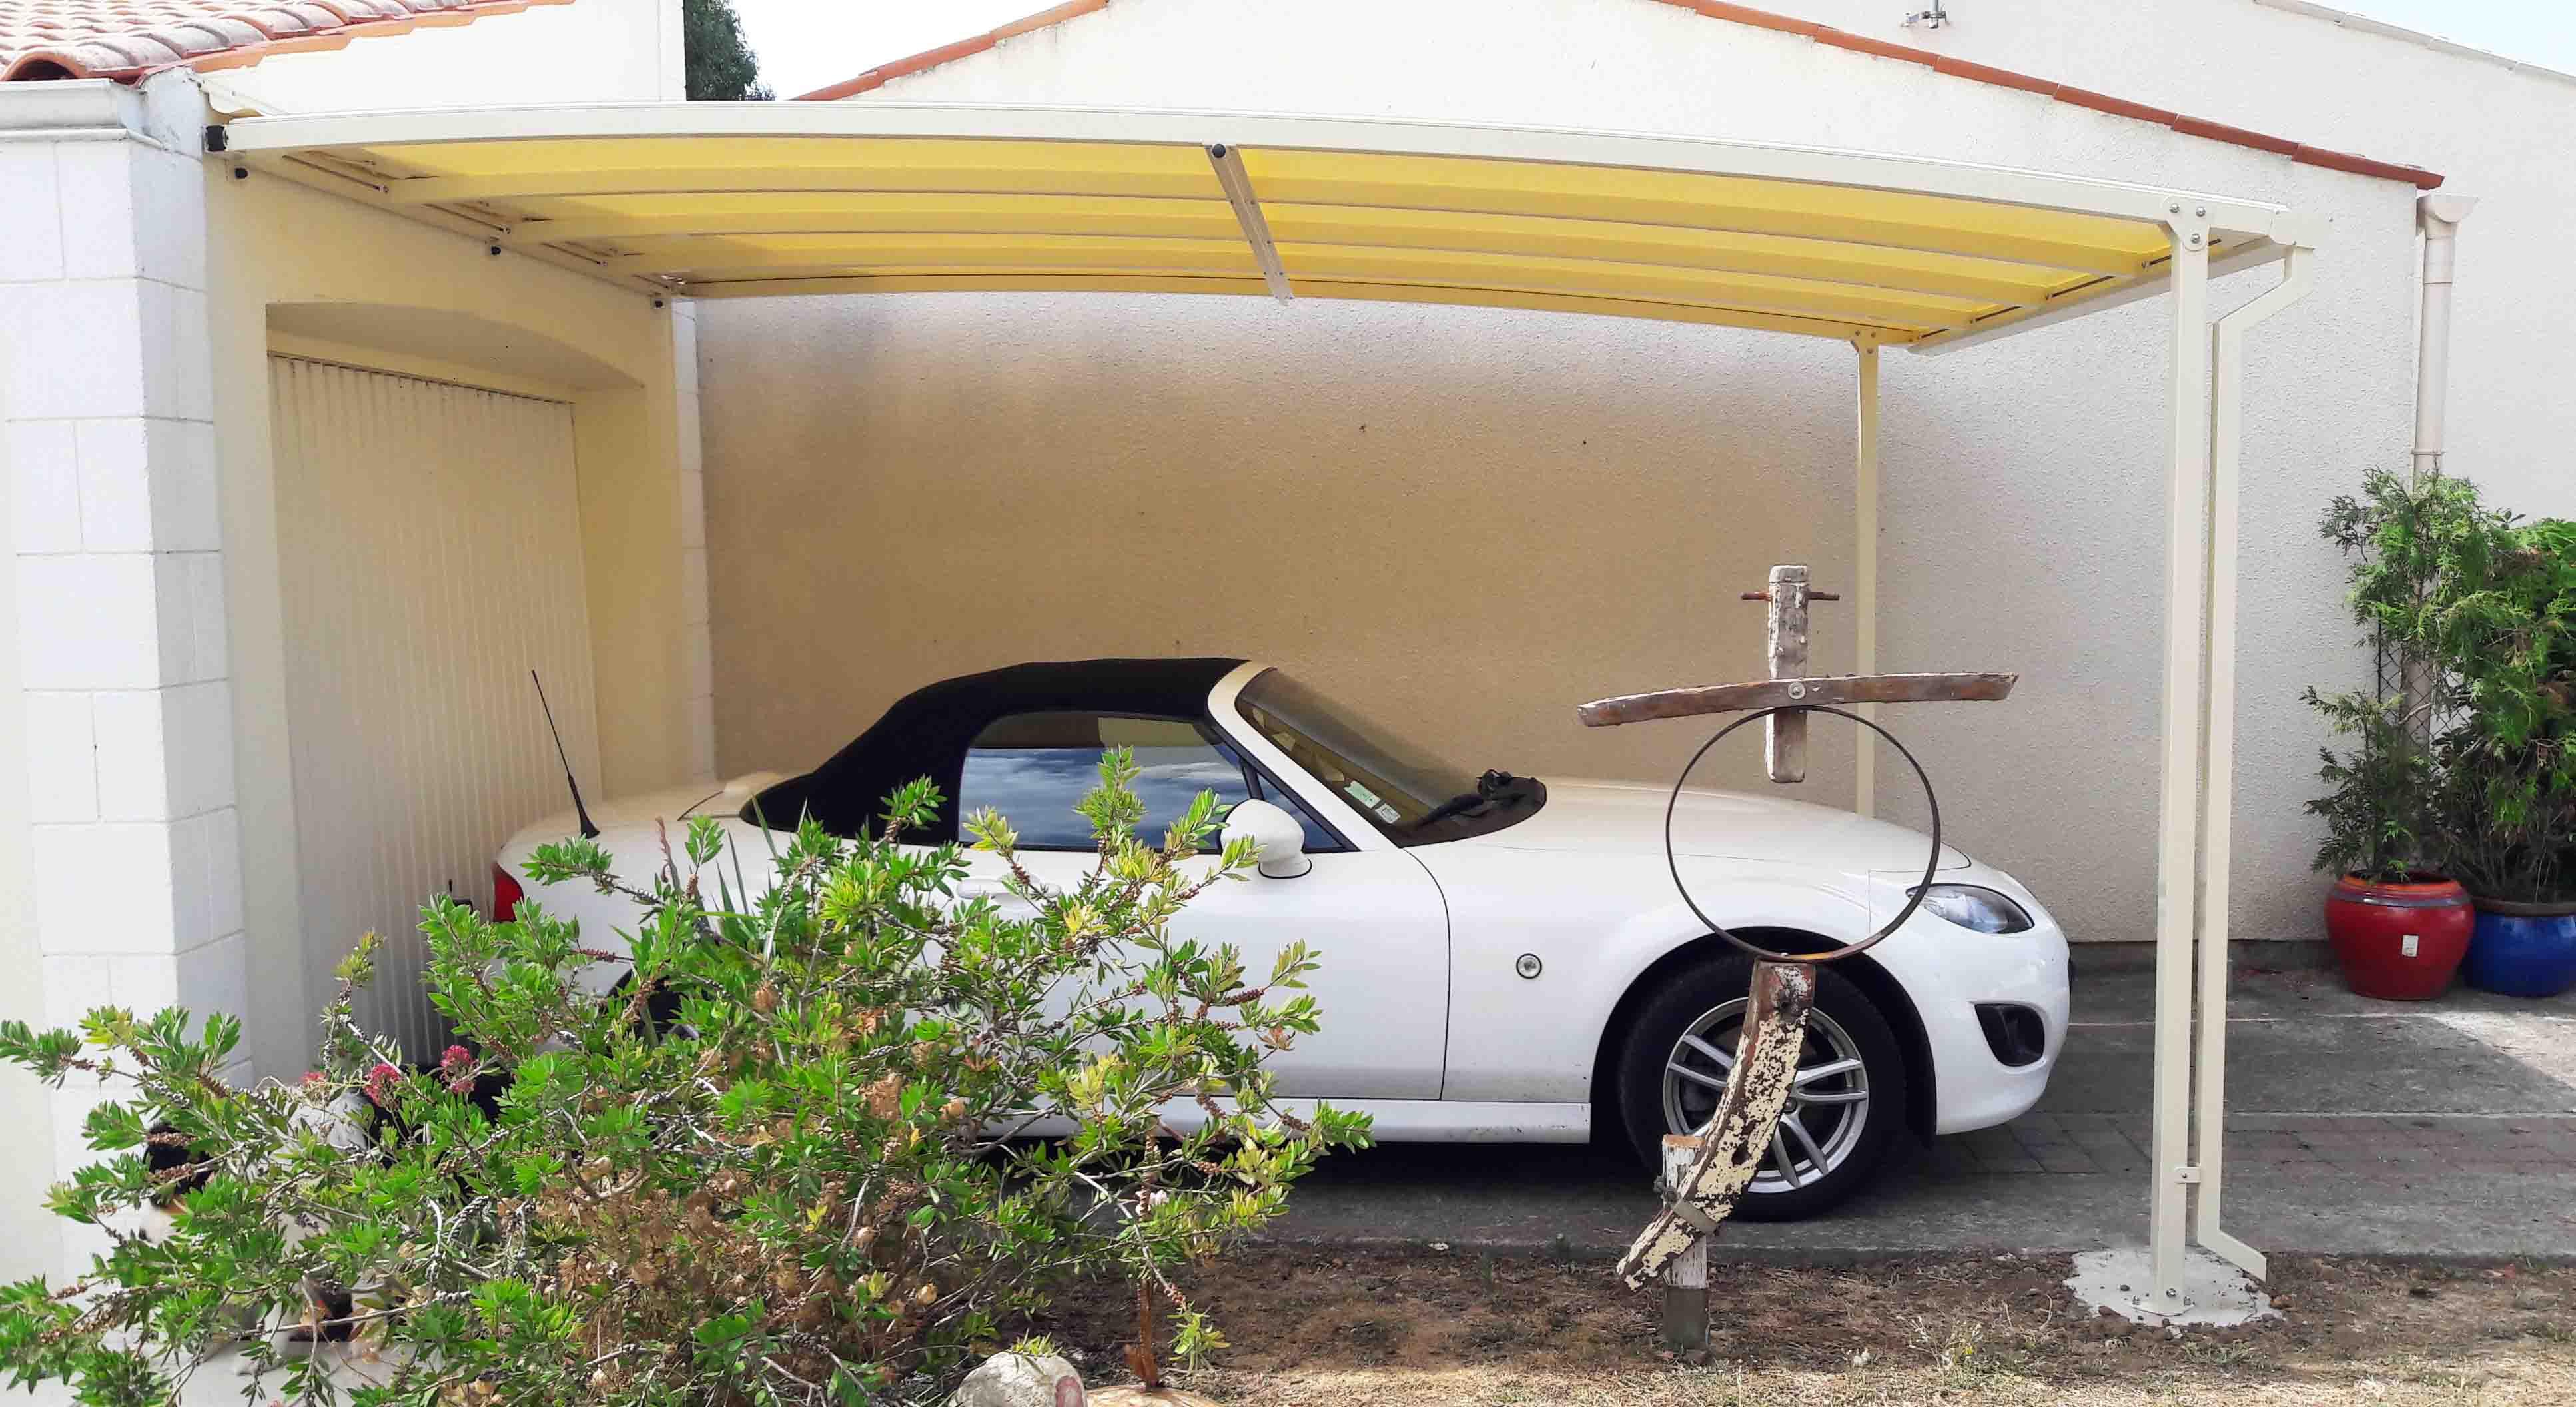 Abritez votre voiture